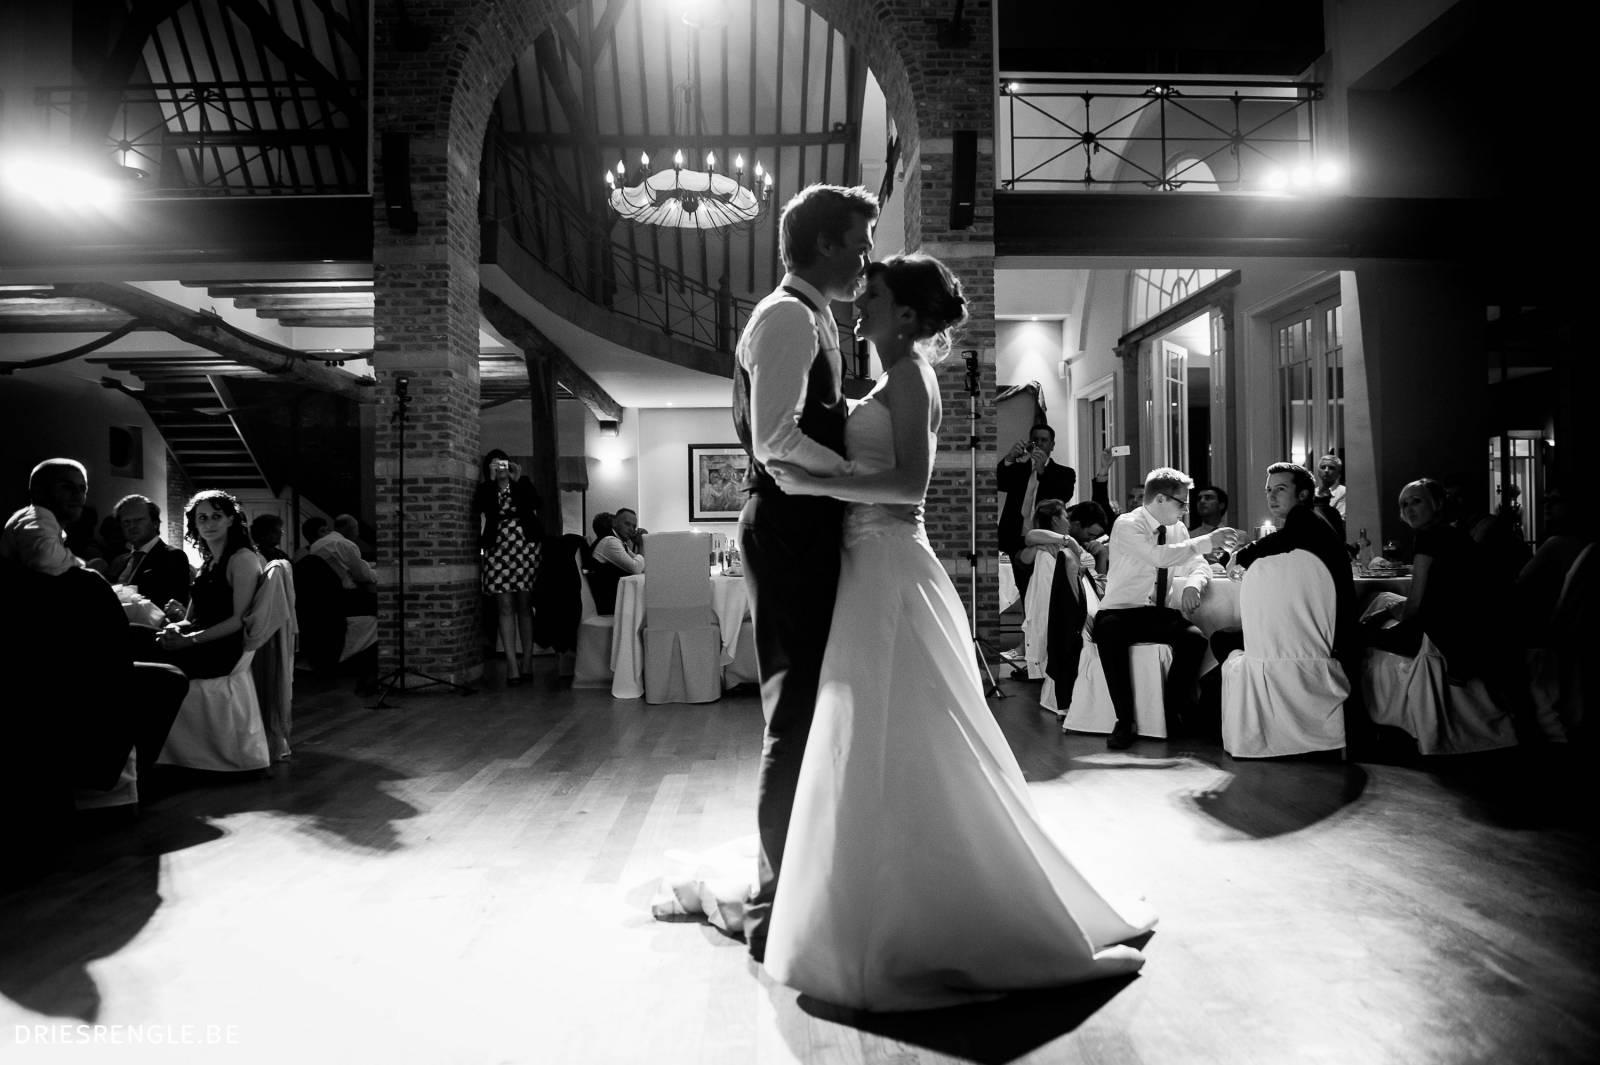 Zaal Orangerie - fotograaf Dries rengle - House of Weddings